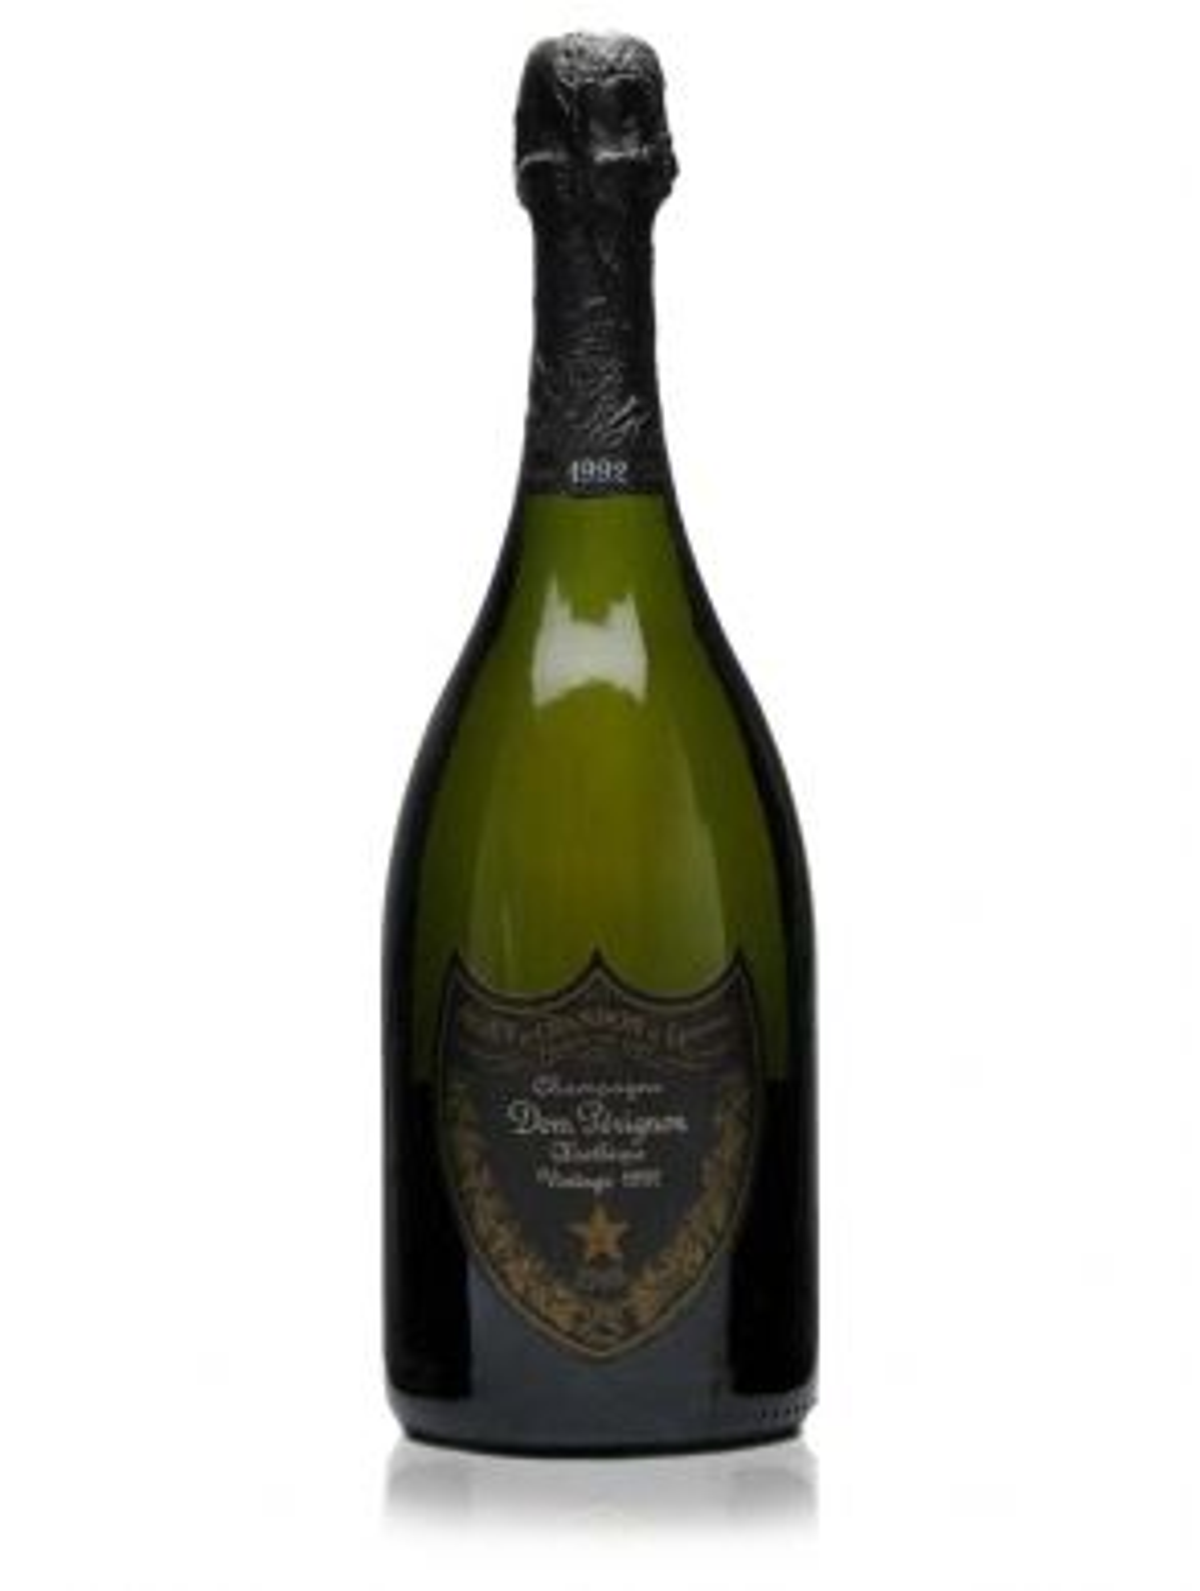 Dom Perignon 1992 Vintage Oenotheque Champagne 75cl